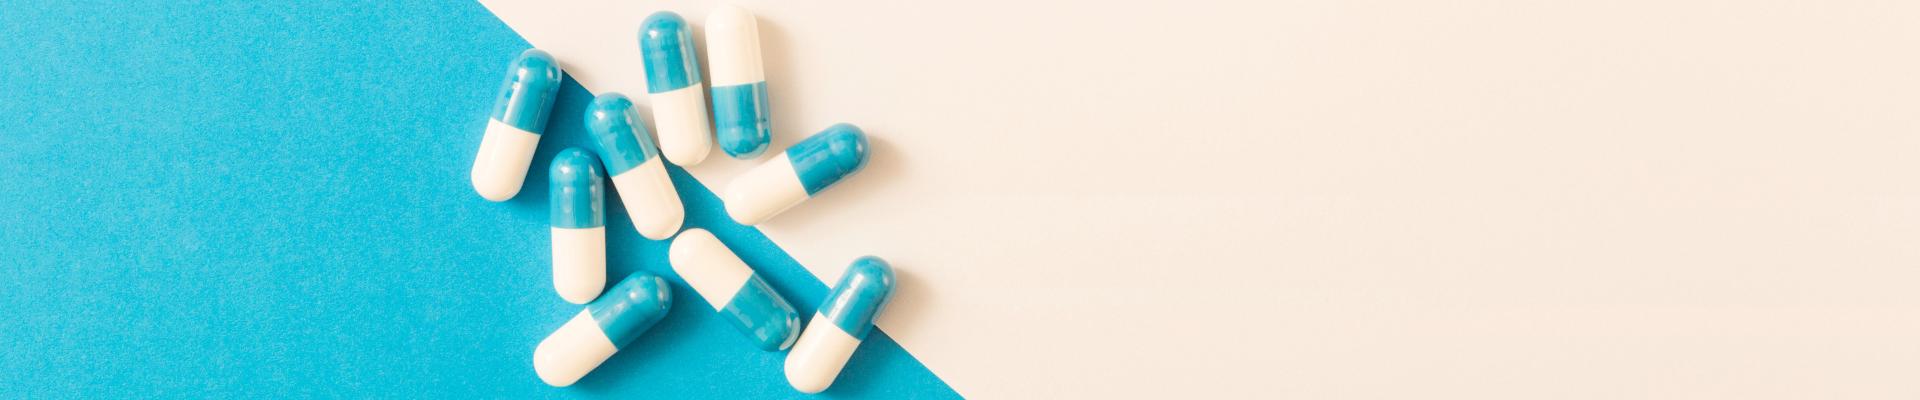 О принятии постановления от 31.10.2018 № 776 «О регистрации предельных отпусных ценпроизводителей на лекарственные средства»